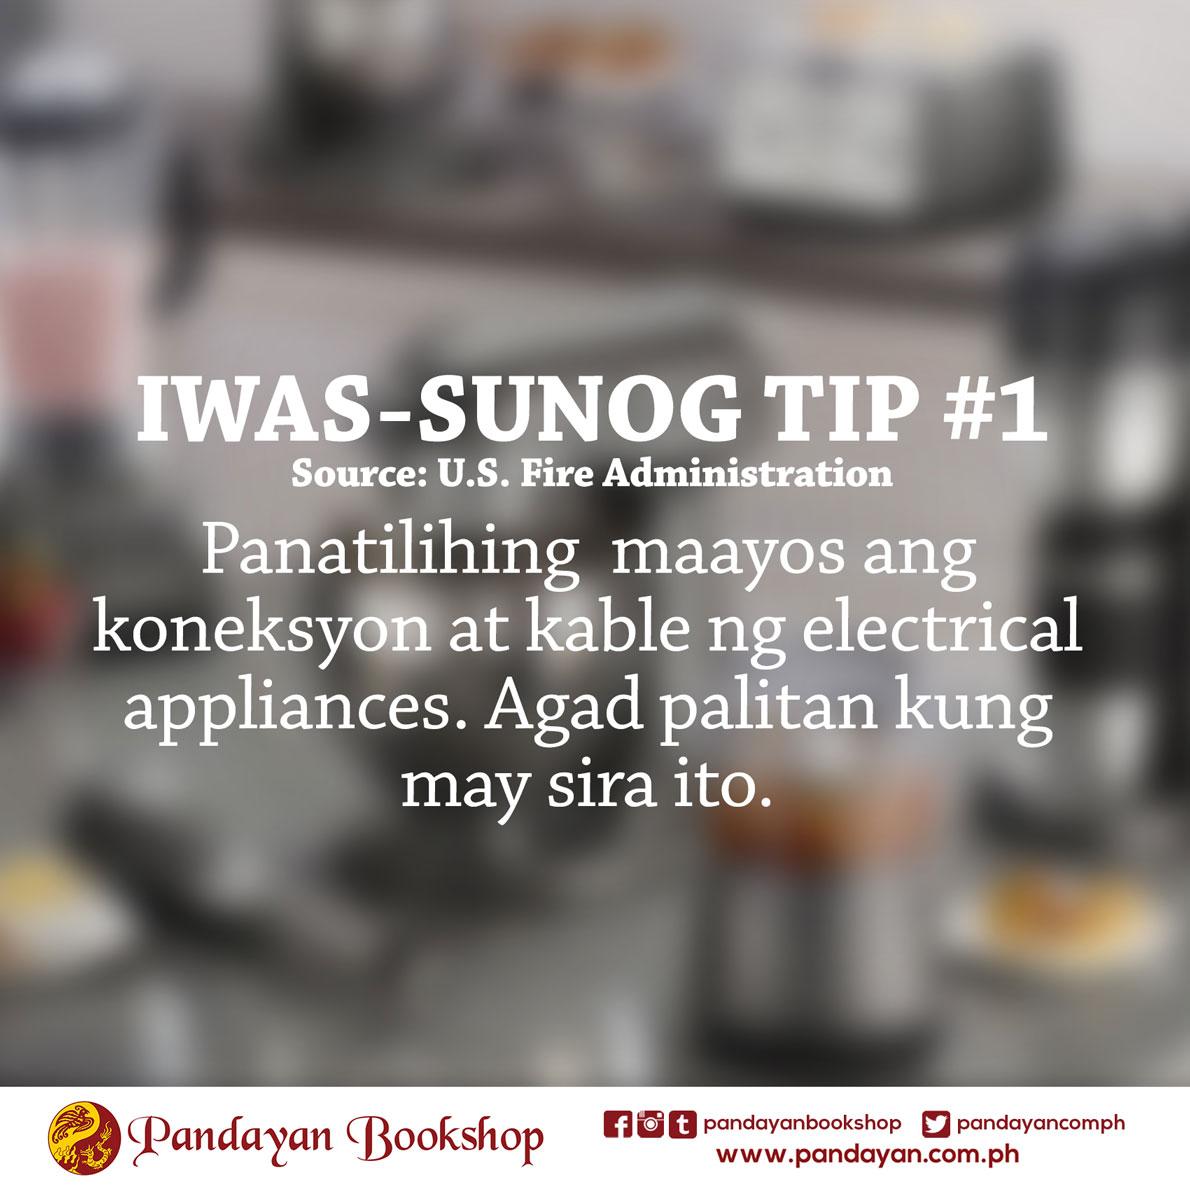 iwas-sunog-tip-#1